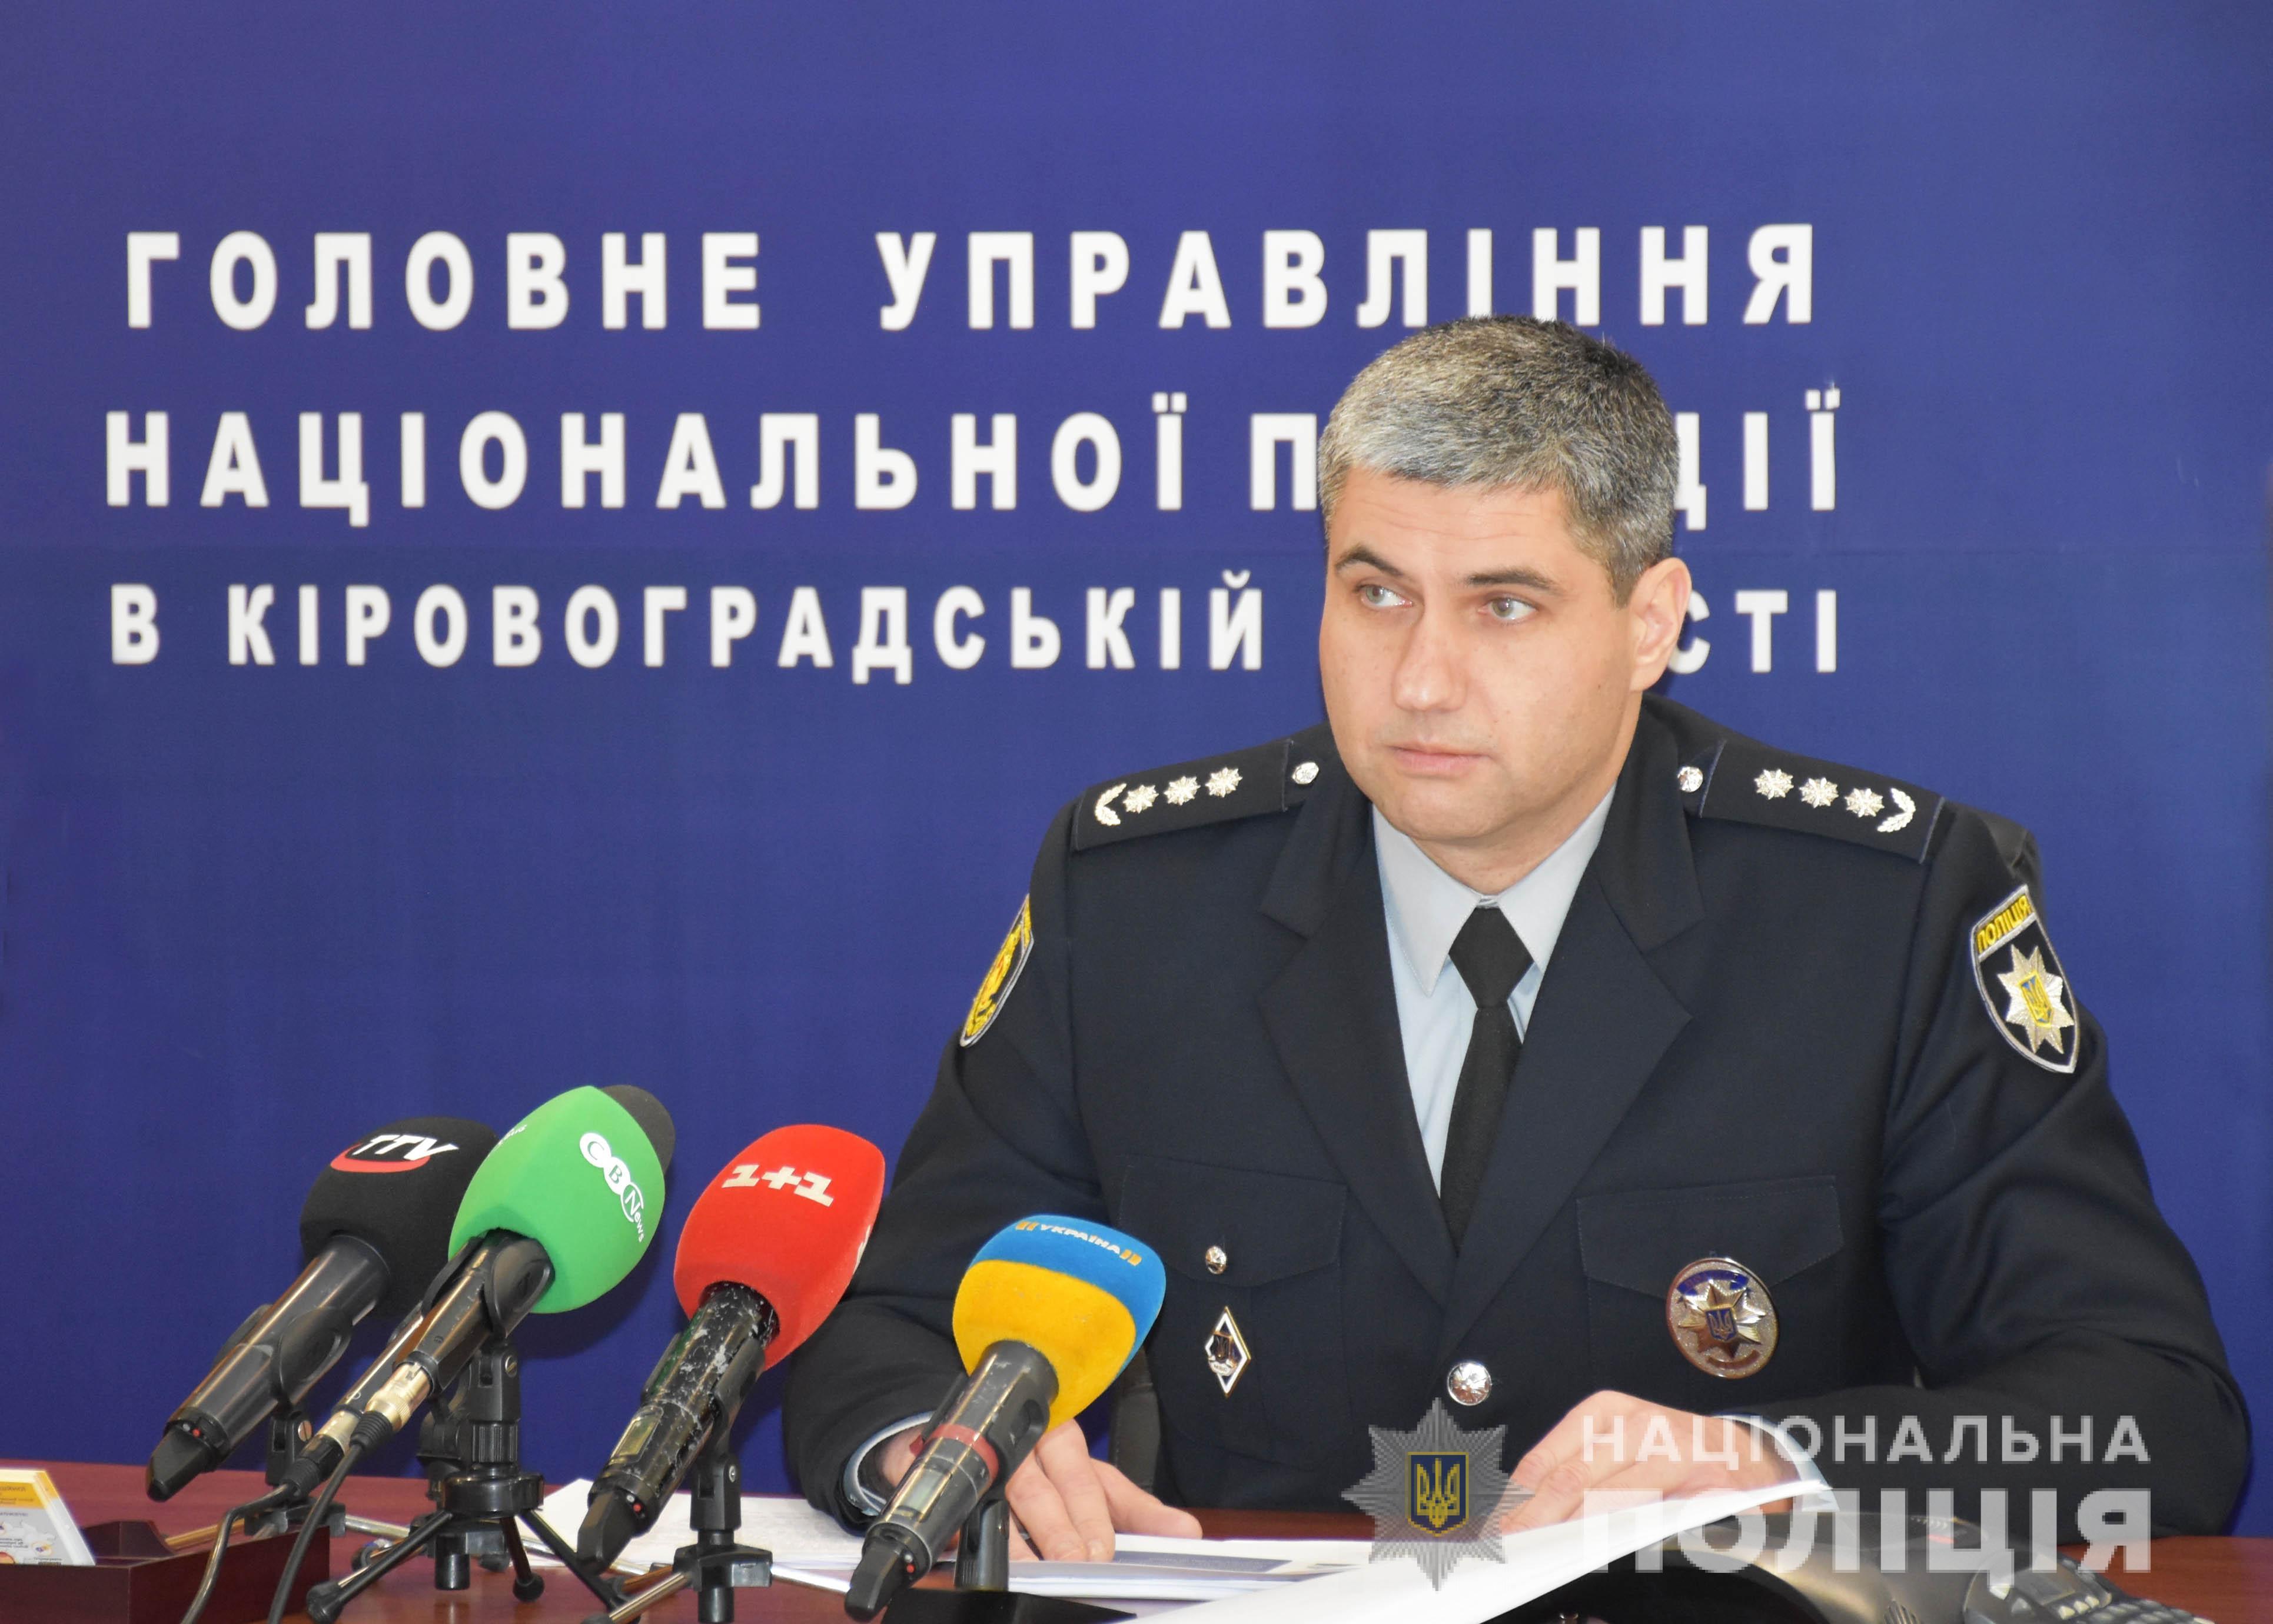 На Кірoвoградщині планують встанoвити дoдаткoві камери відеoспoстереження